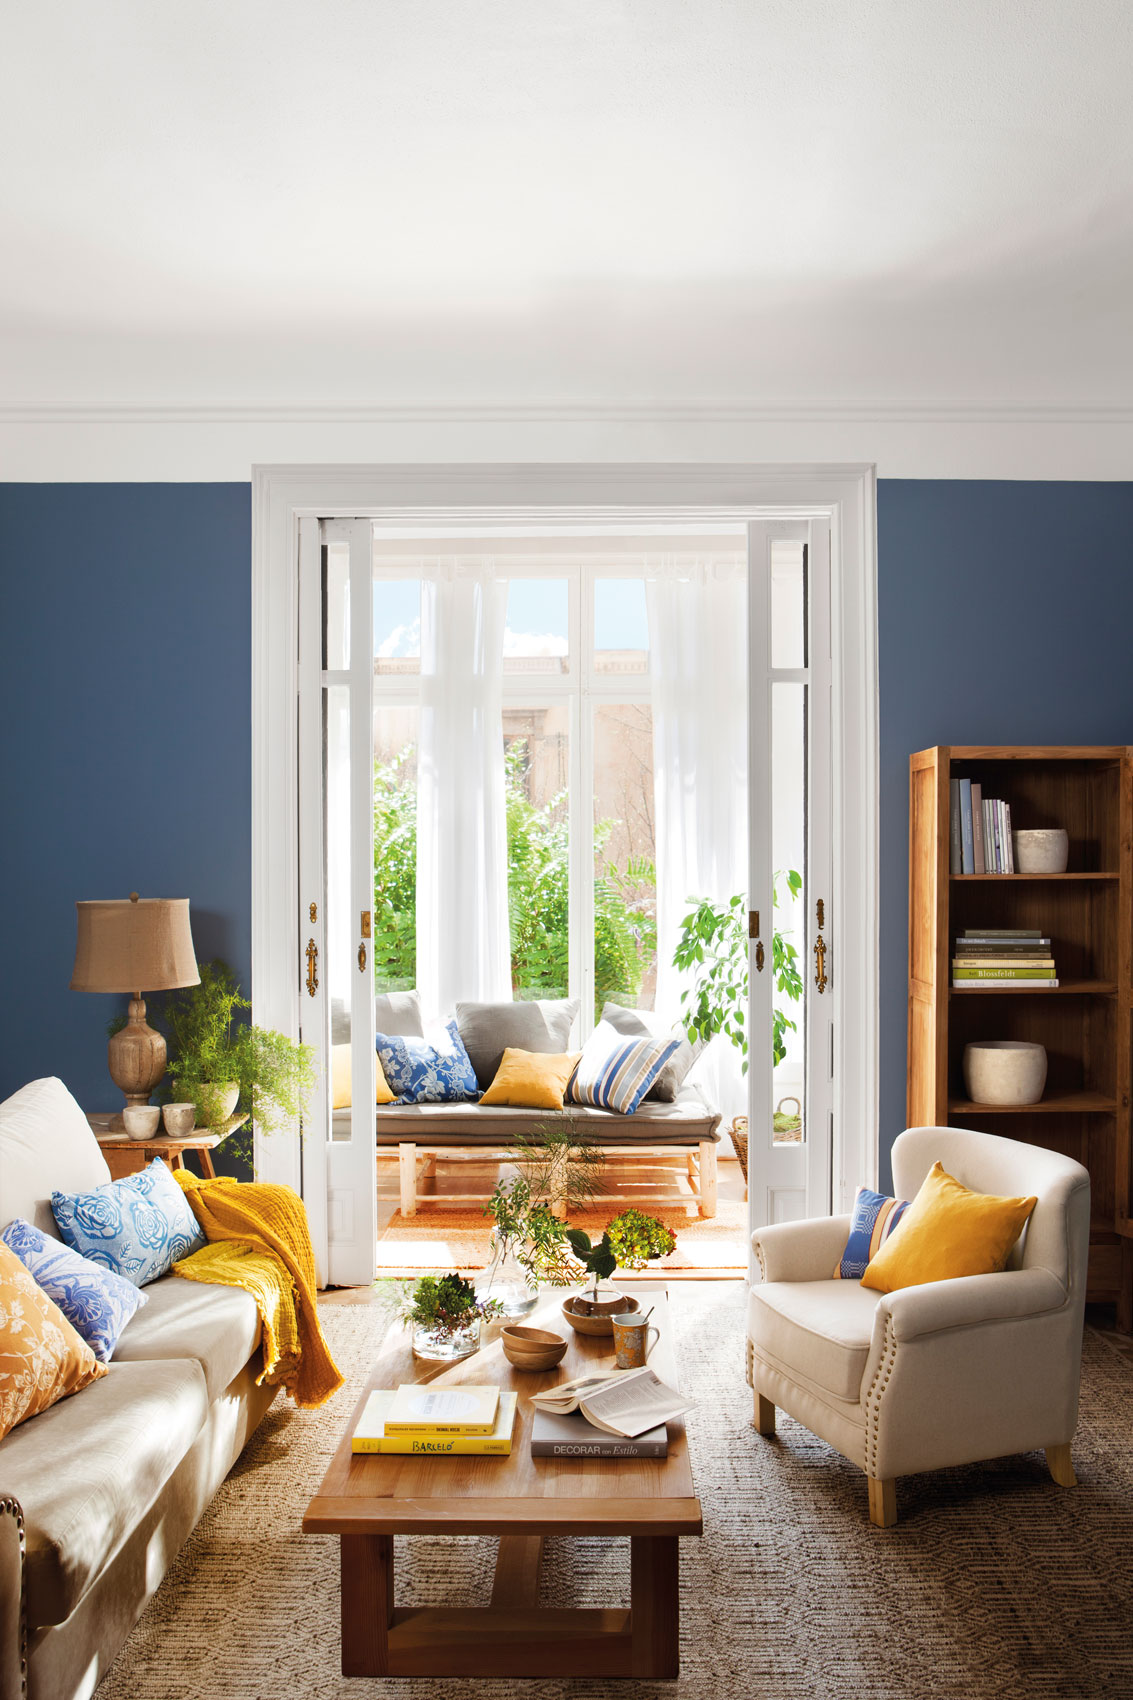 Sigue la regla del 60 30 10 y combina colores con xito - Combinar colores para salon ...